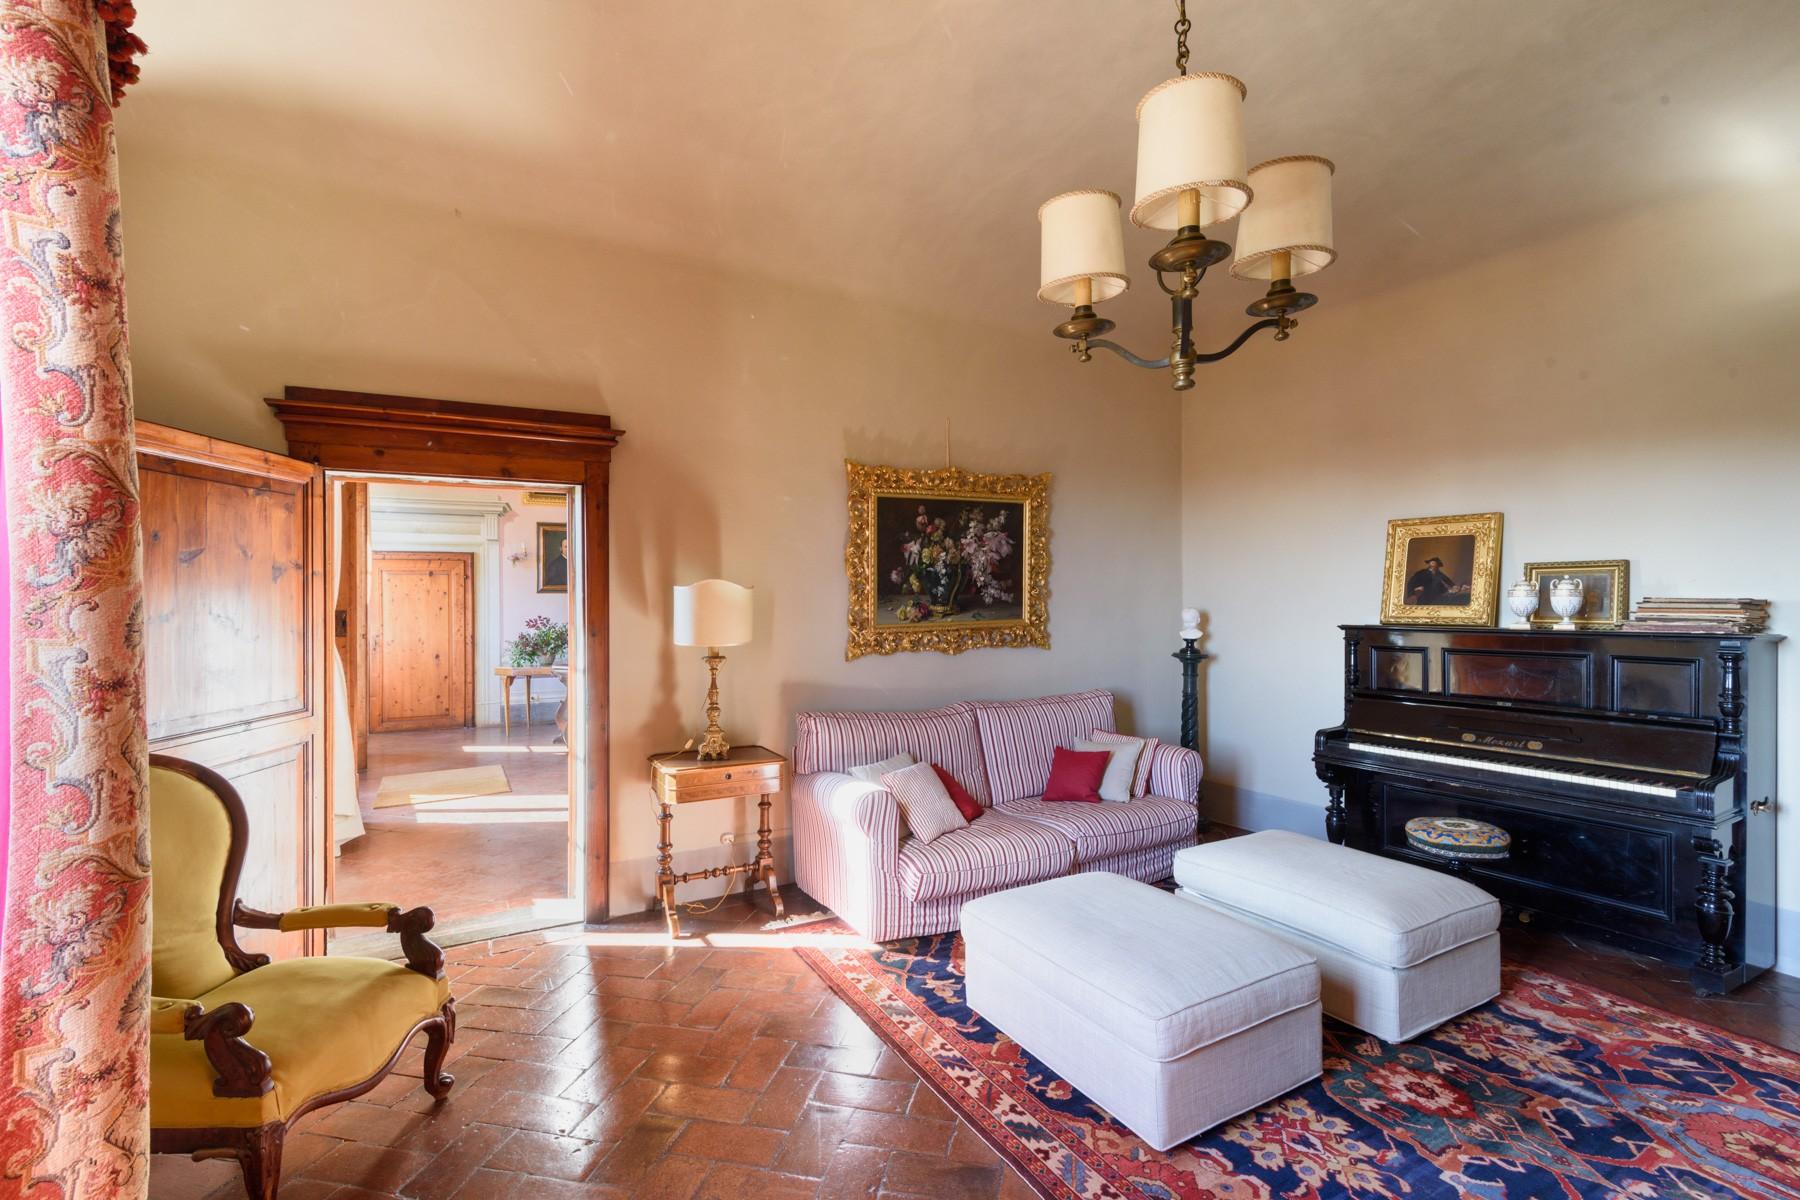 Villa in Vendita a Montaione: 5 locali, 15655 mq - Foto 7